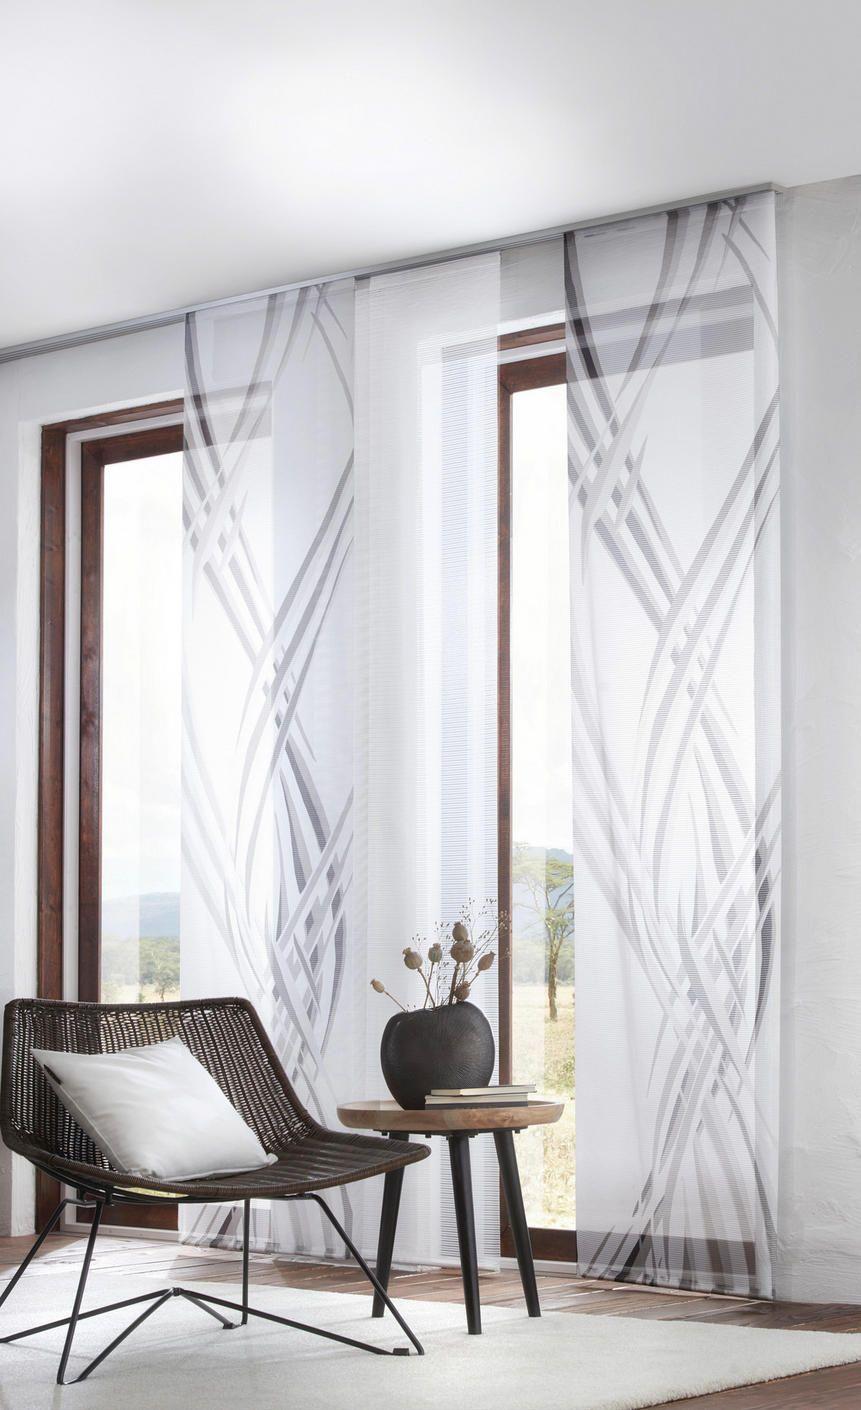 Flächenvorhang Schwarz Weiß Wellen Transparenter Vorhang Vorhänge Weißes Wohnzimmer Wohnzimmer Gestalten